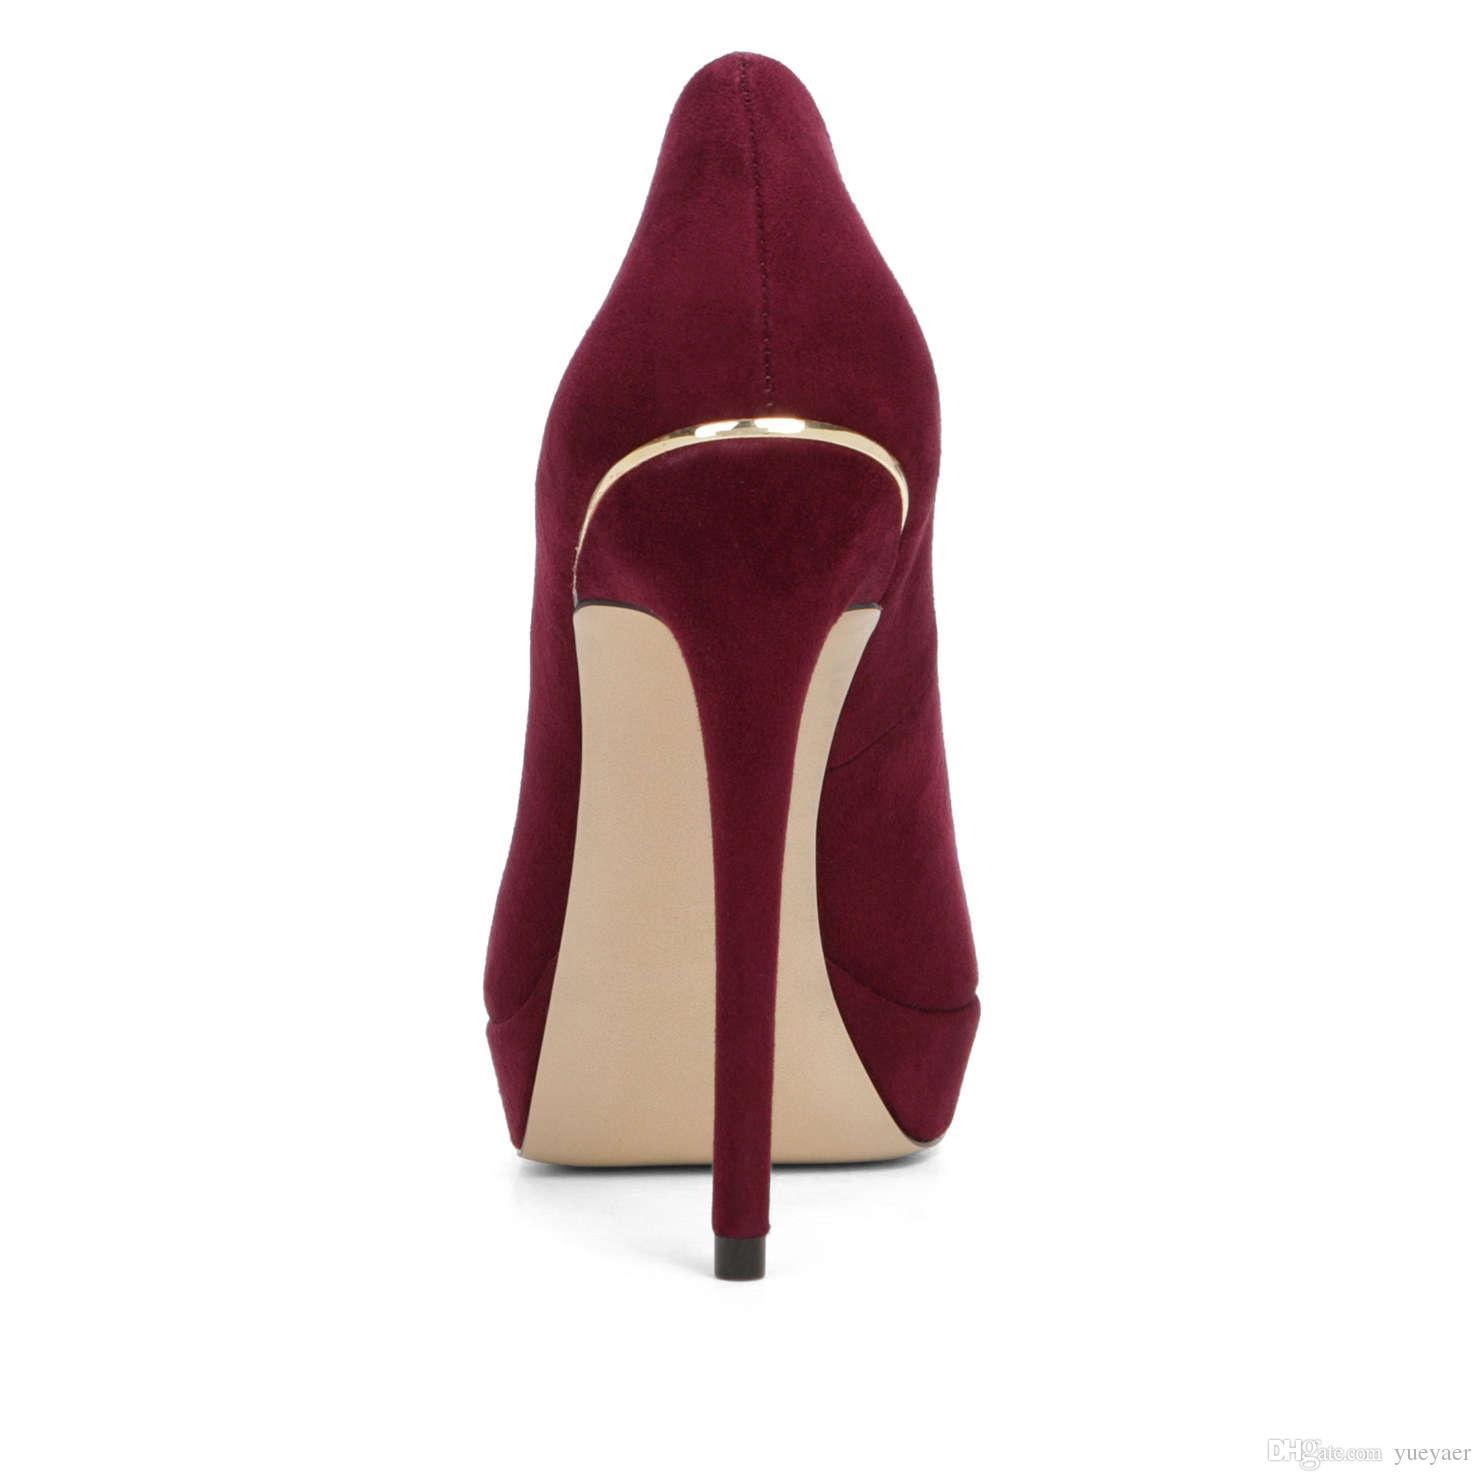 Zandina Femmes Mode Sexy À La Main À Talons Hauts Peep Toe Plate-forme Multicolore Stiletto Slide Pompes De Mariée Chaussures Darkred